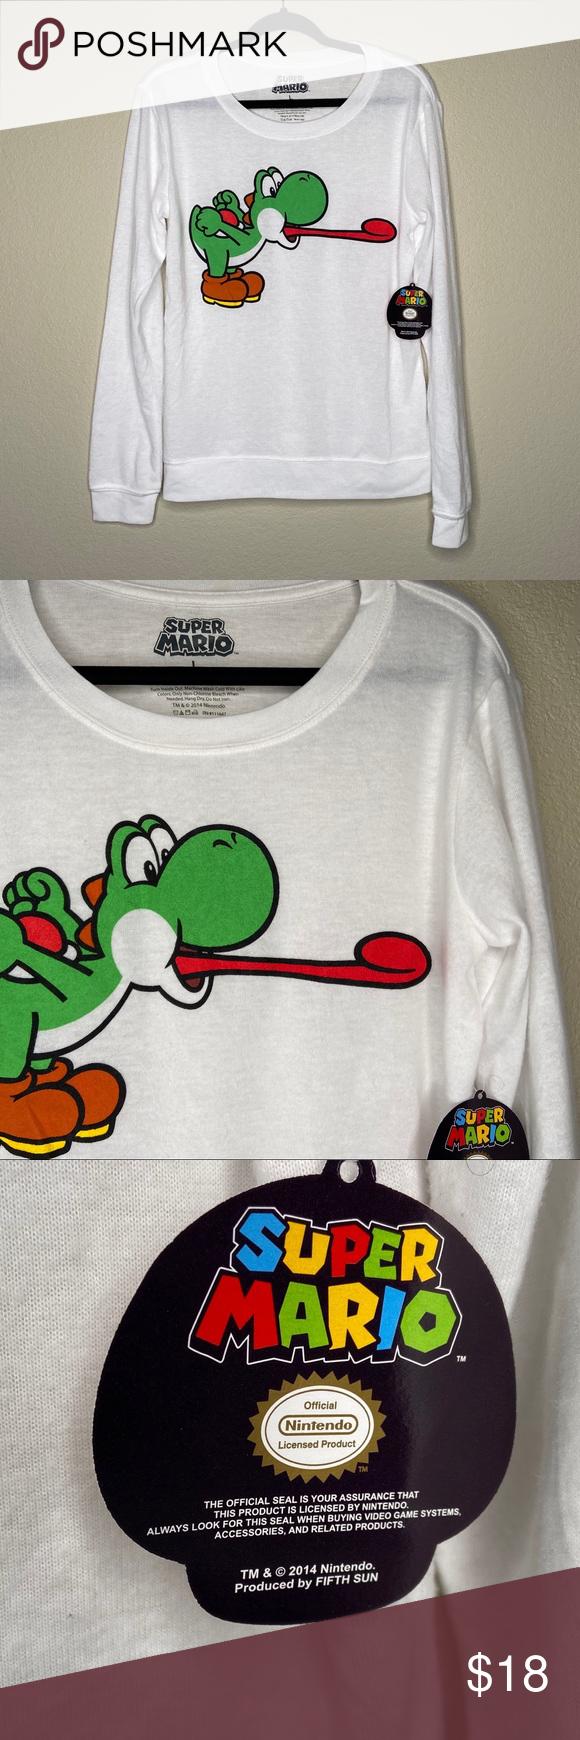 Super Mario Yoshi Graphic Sweatshirt Super Mario Yoshi Men S Graphic Sweatshirt Size Large White Long Sleeve Yoshi G Super Mario Shirt Sweatshirts Mario Shirt [ 1740 x 580 Pixel ]